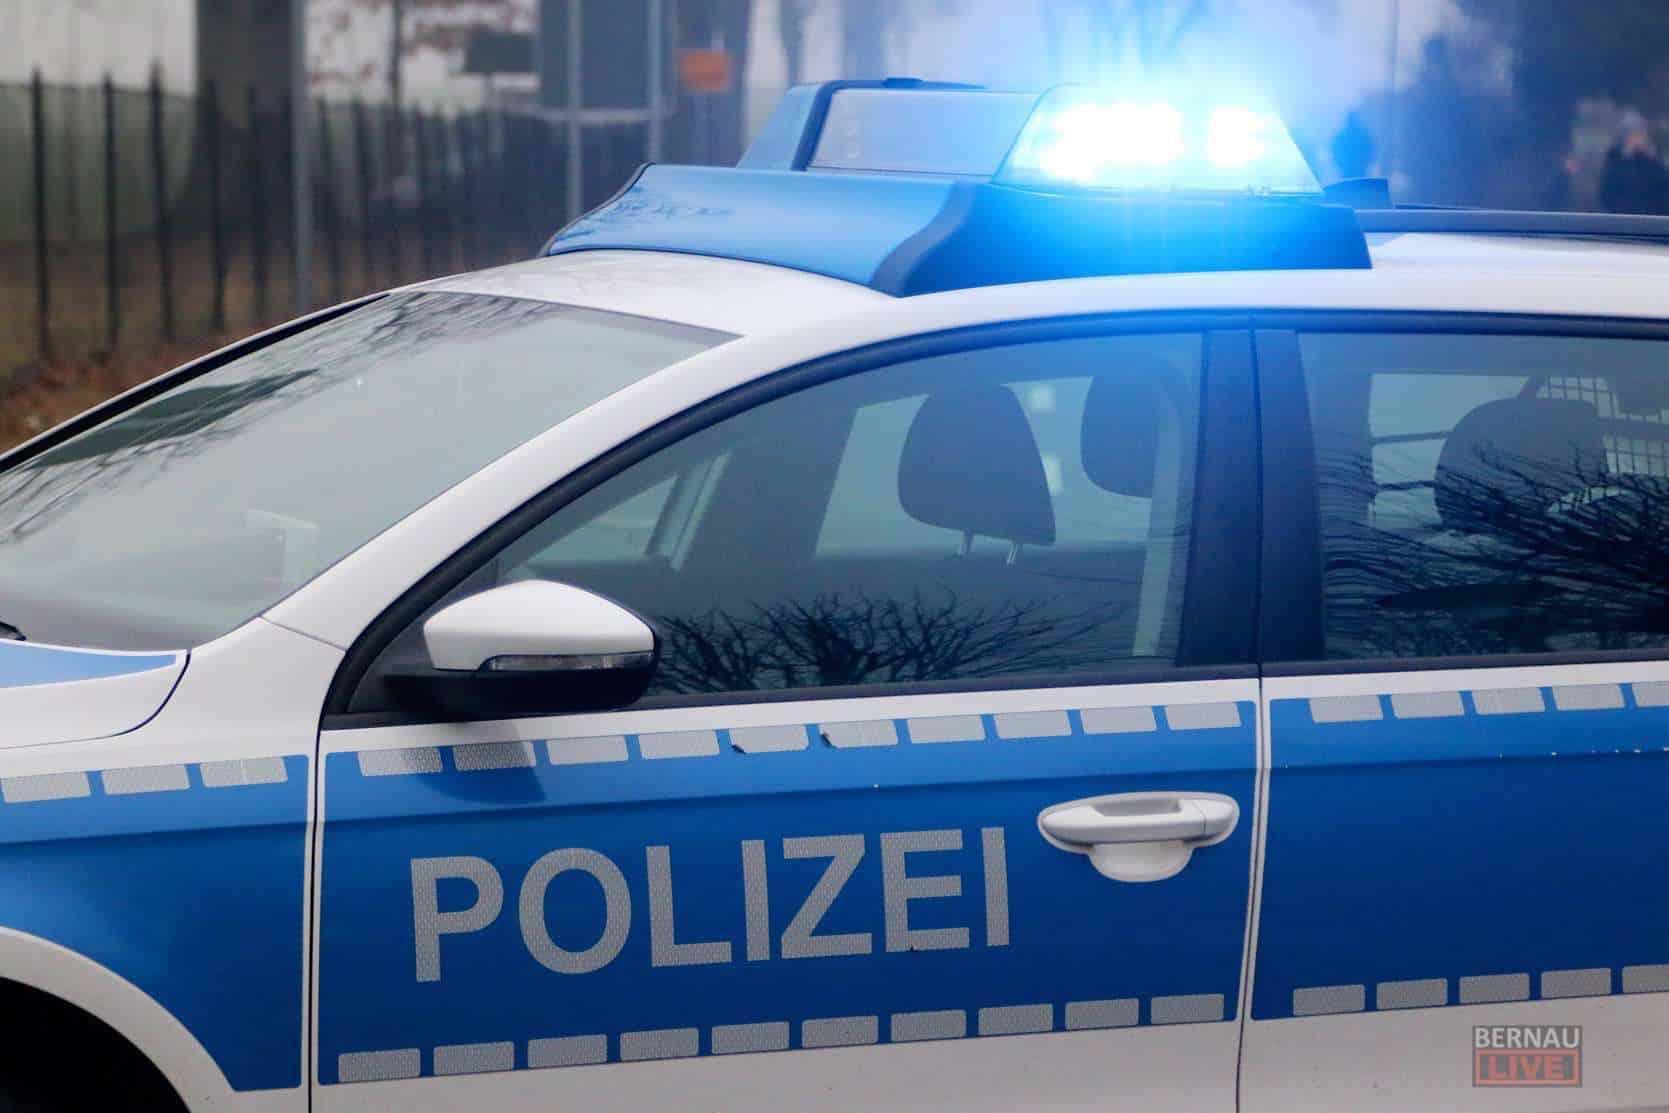 Polizei: Autodieb gefasst - 8 Notebooks aus Amt in Bernau gestohlen